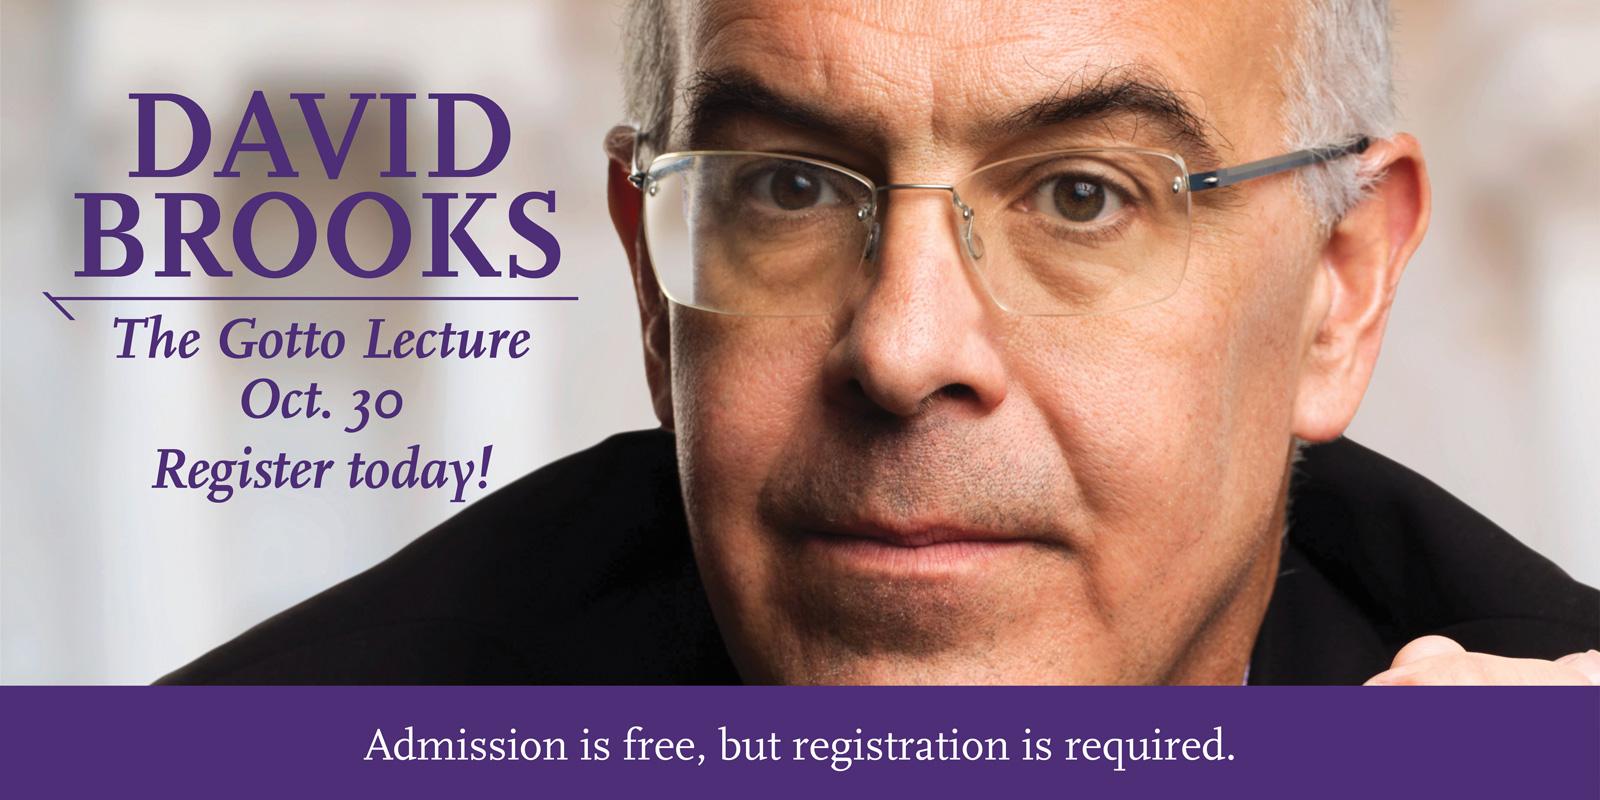 The Gotto Lecture - David Brooks